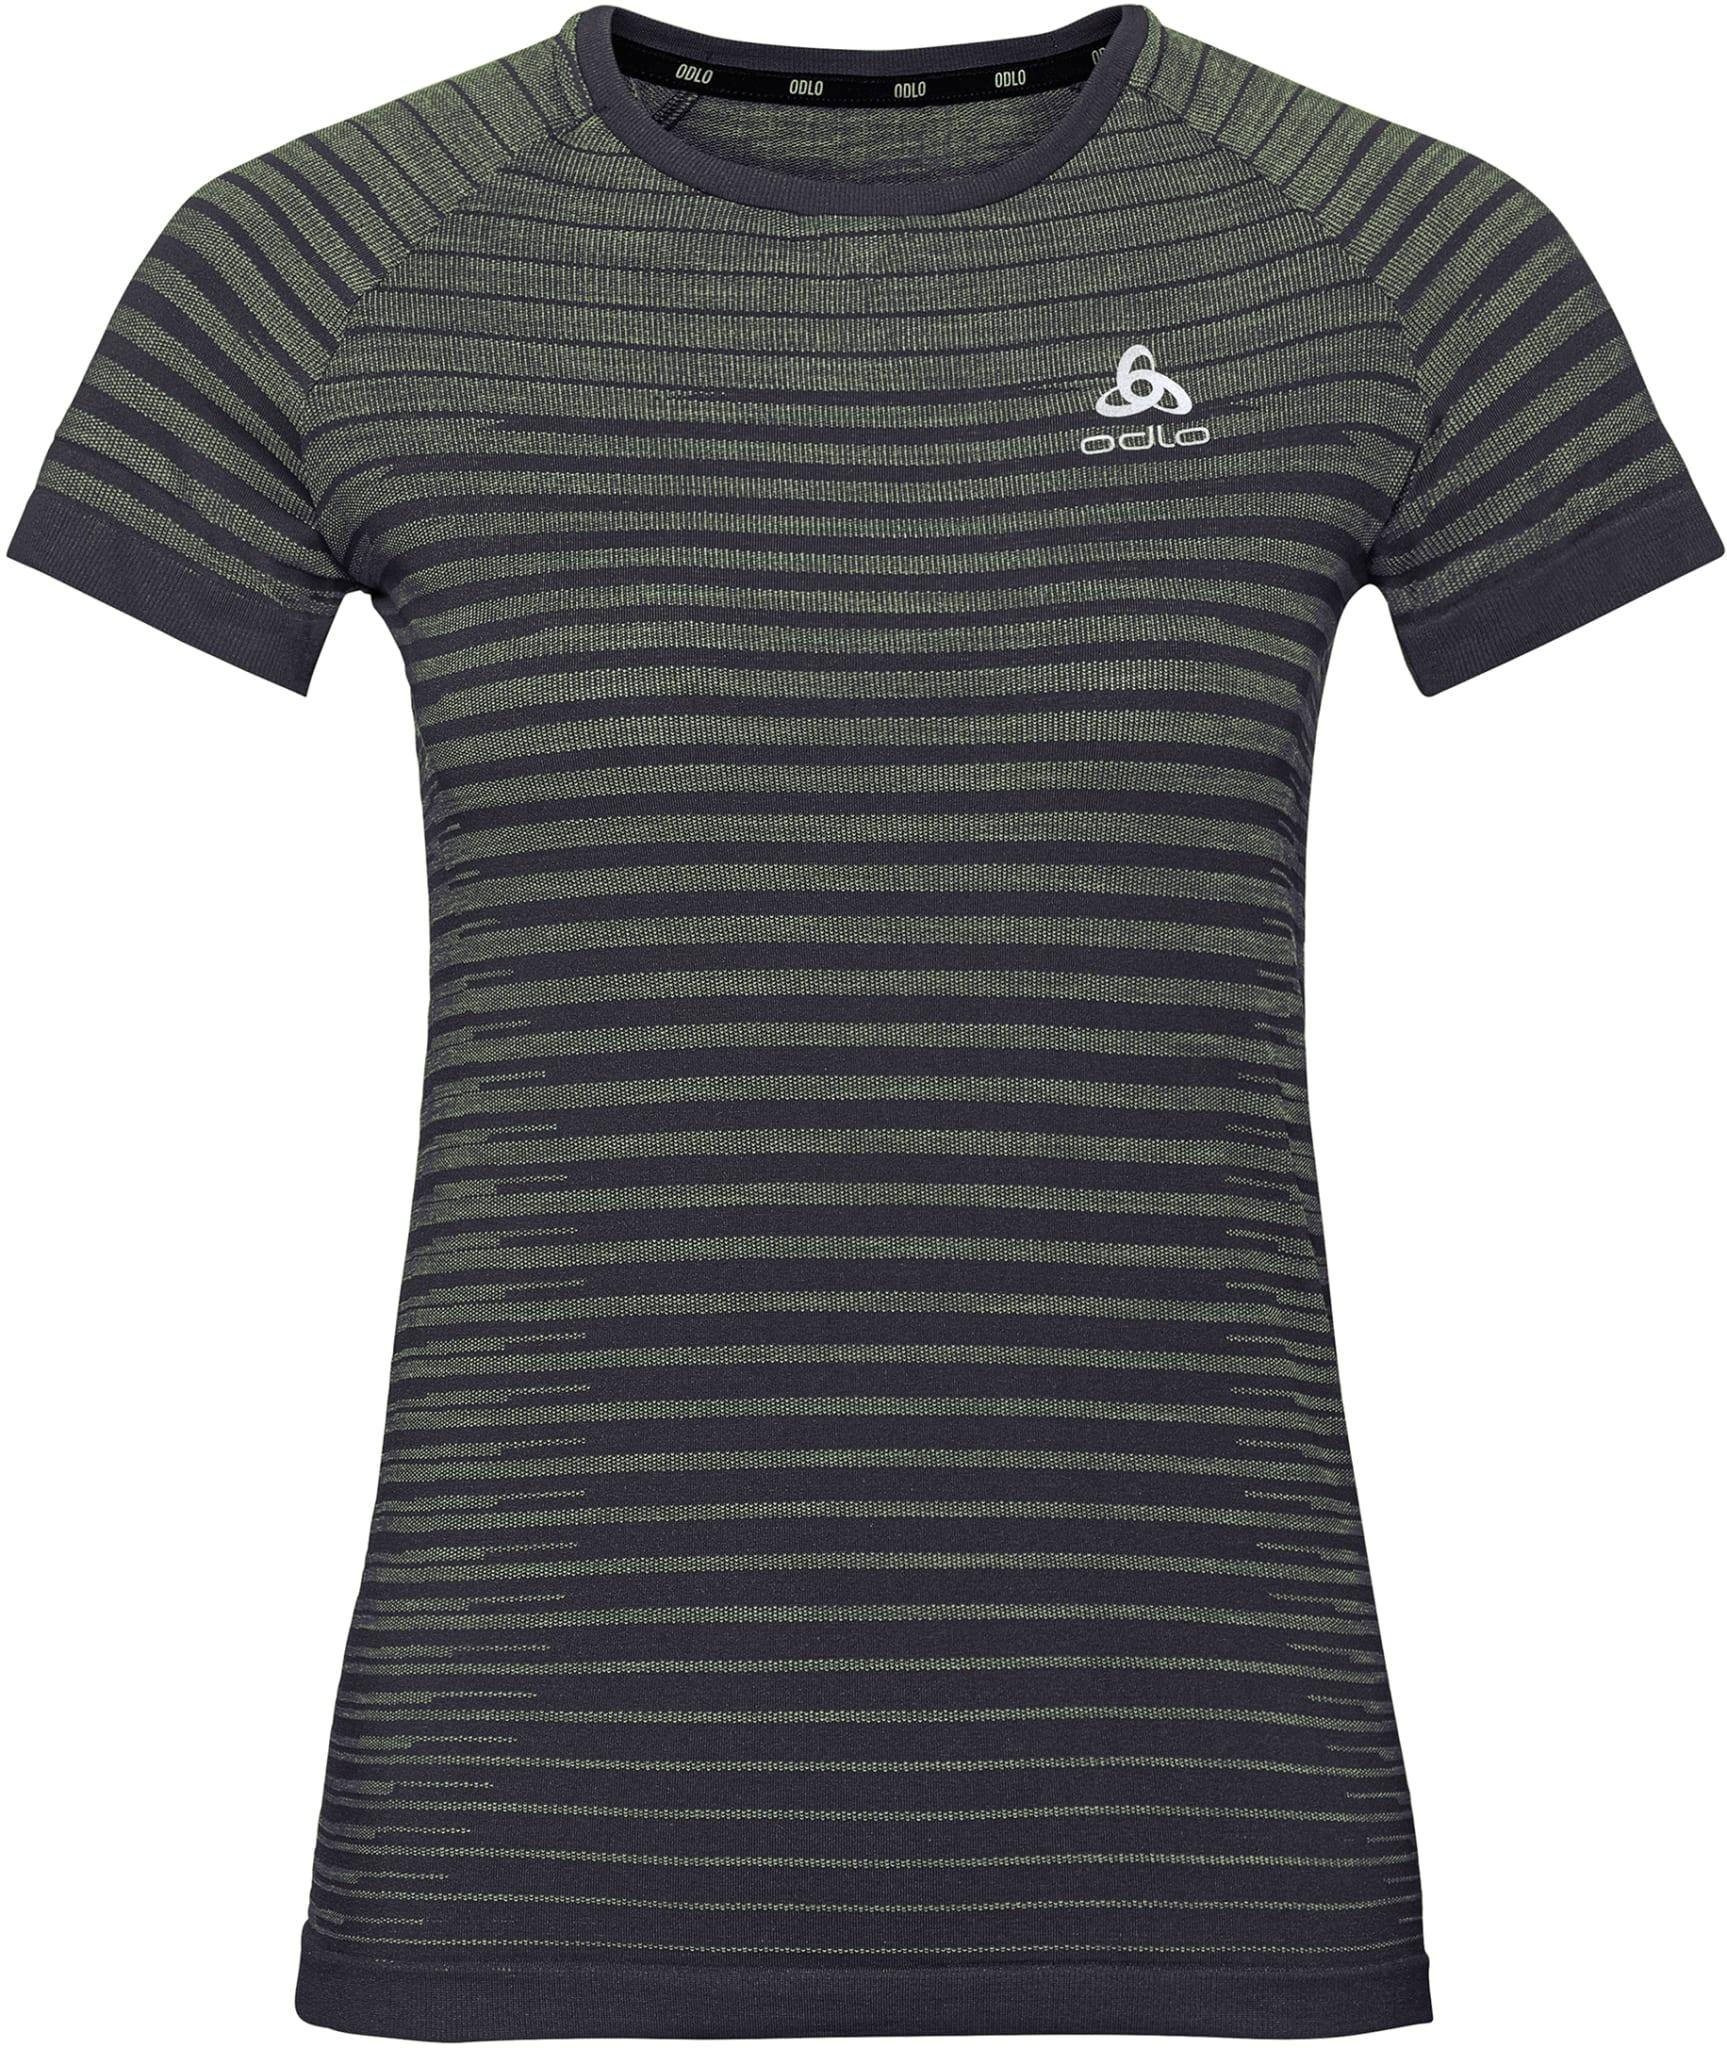 Blackcomb Pro T-shirt W